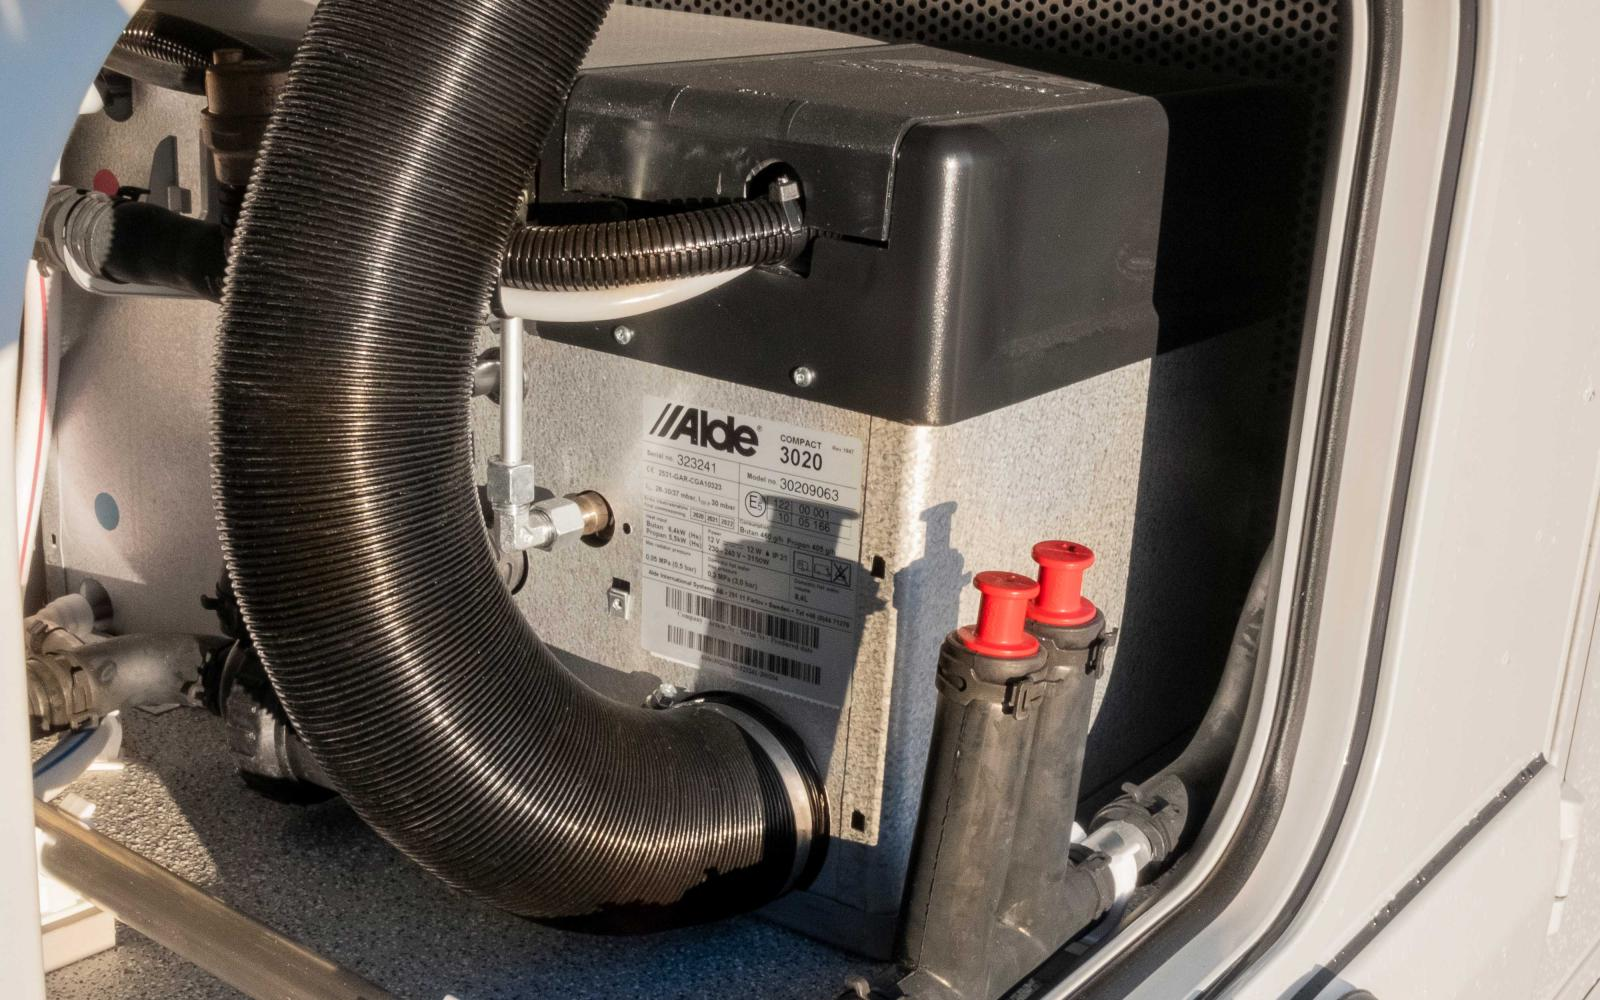 Värmepannan från Alde kan nås via en servicelucka.